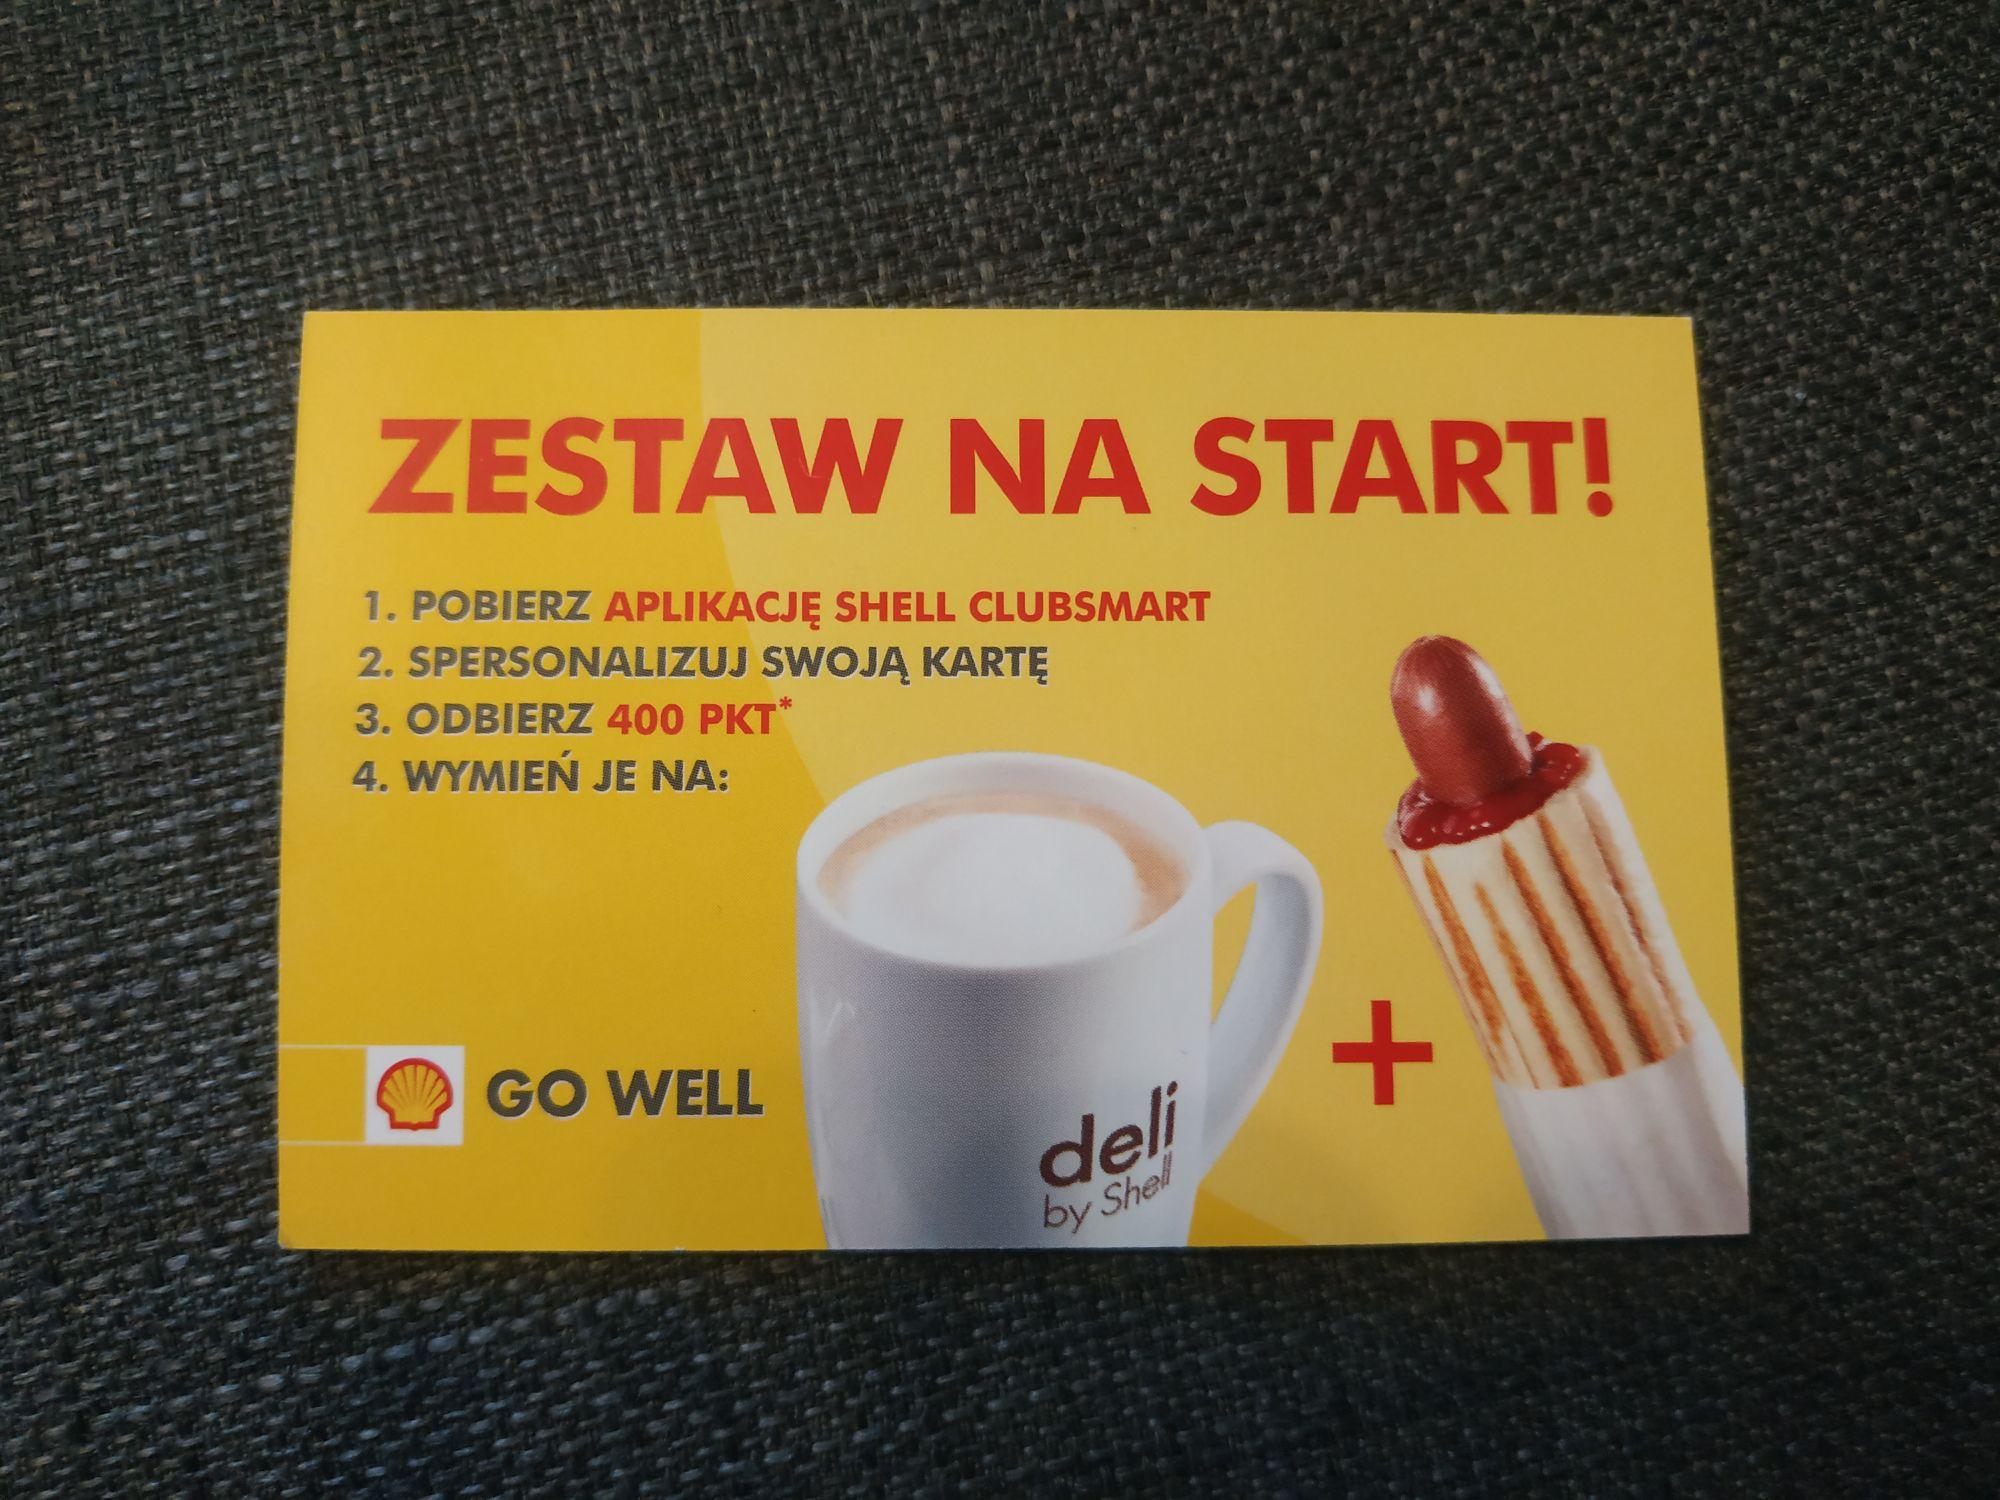 Shell clubsmart - 400pkt = darmowa kawa i hotdog za założenie karty